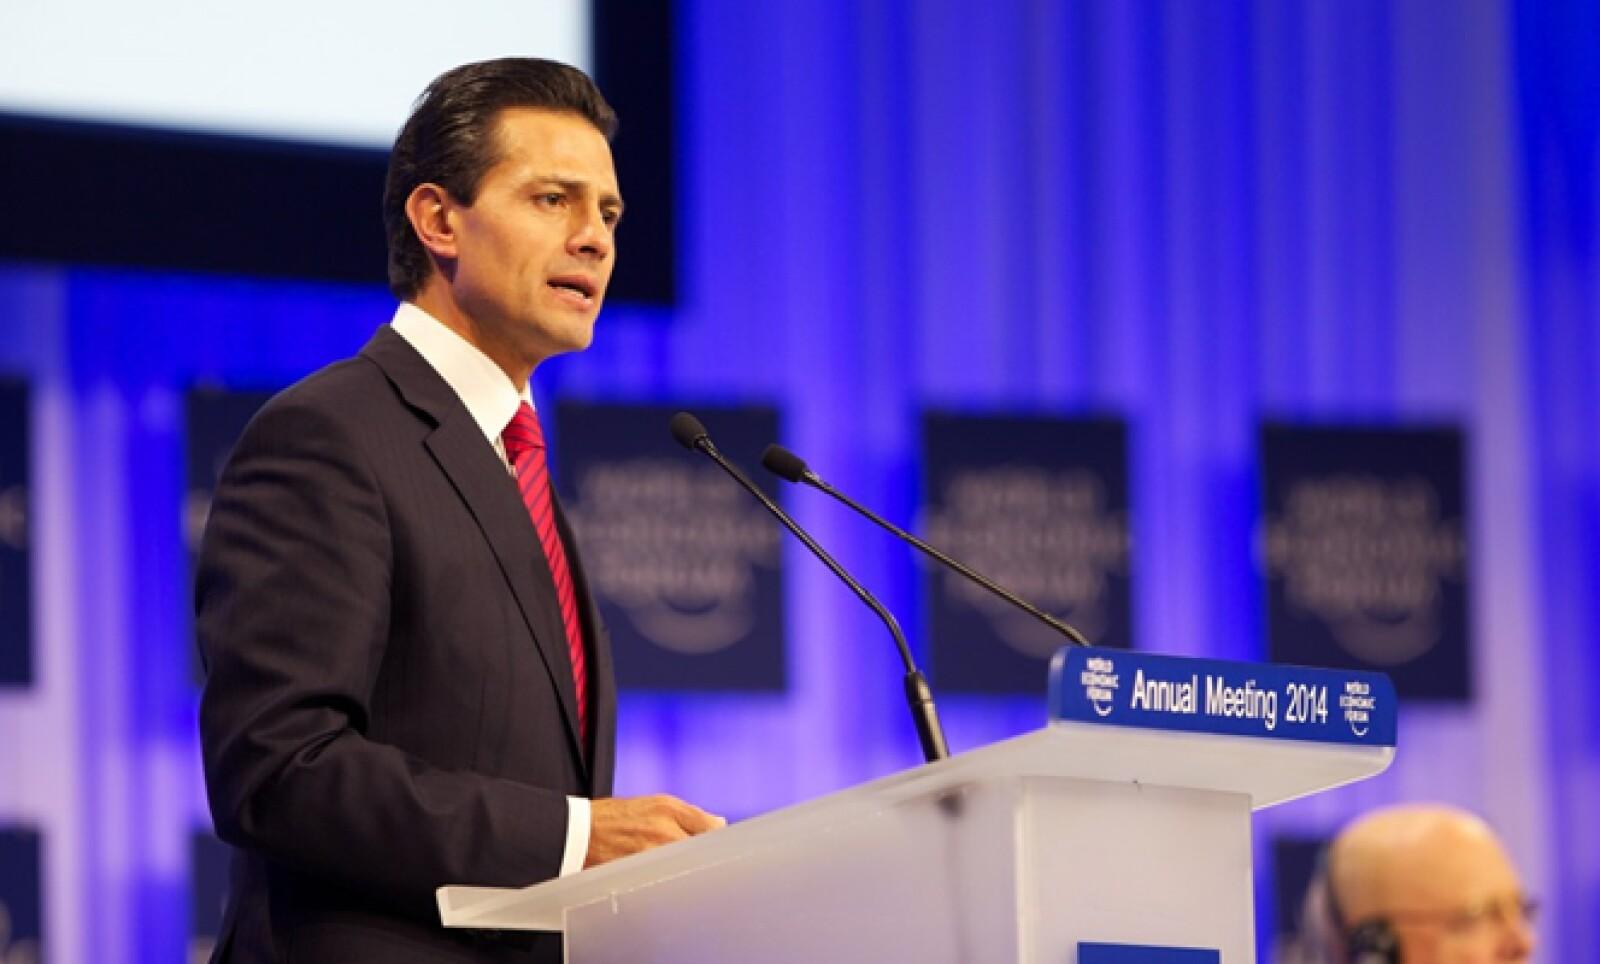 El presidente también presumió las reformas aprobadas durante su primer año de Gobierno.